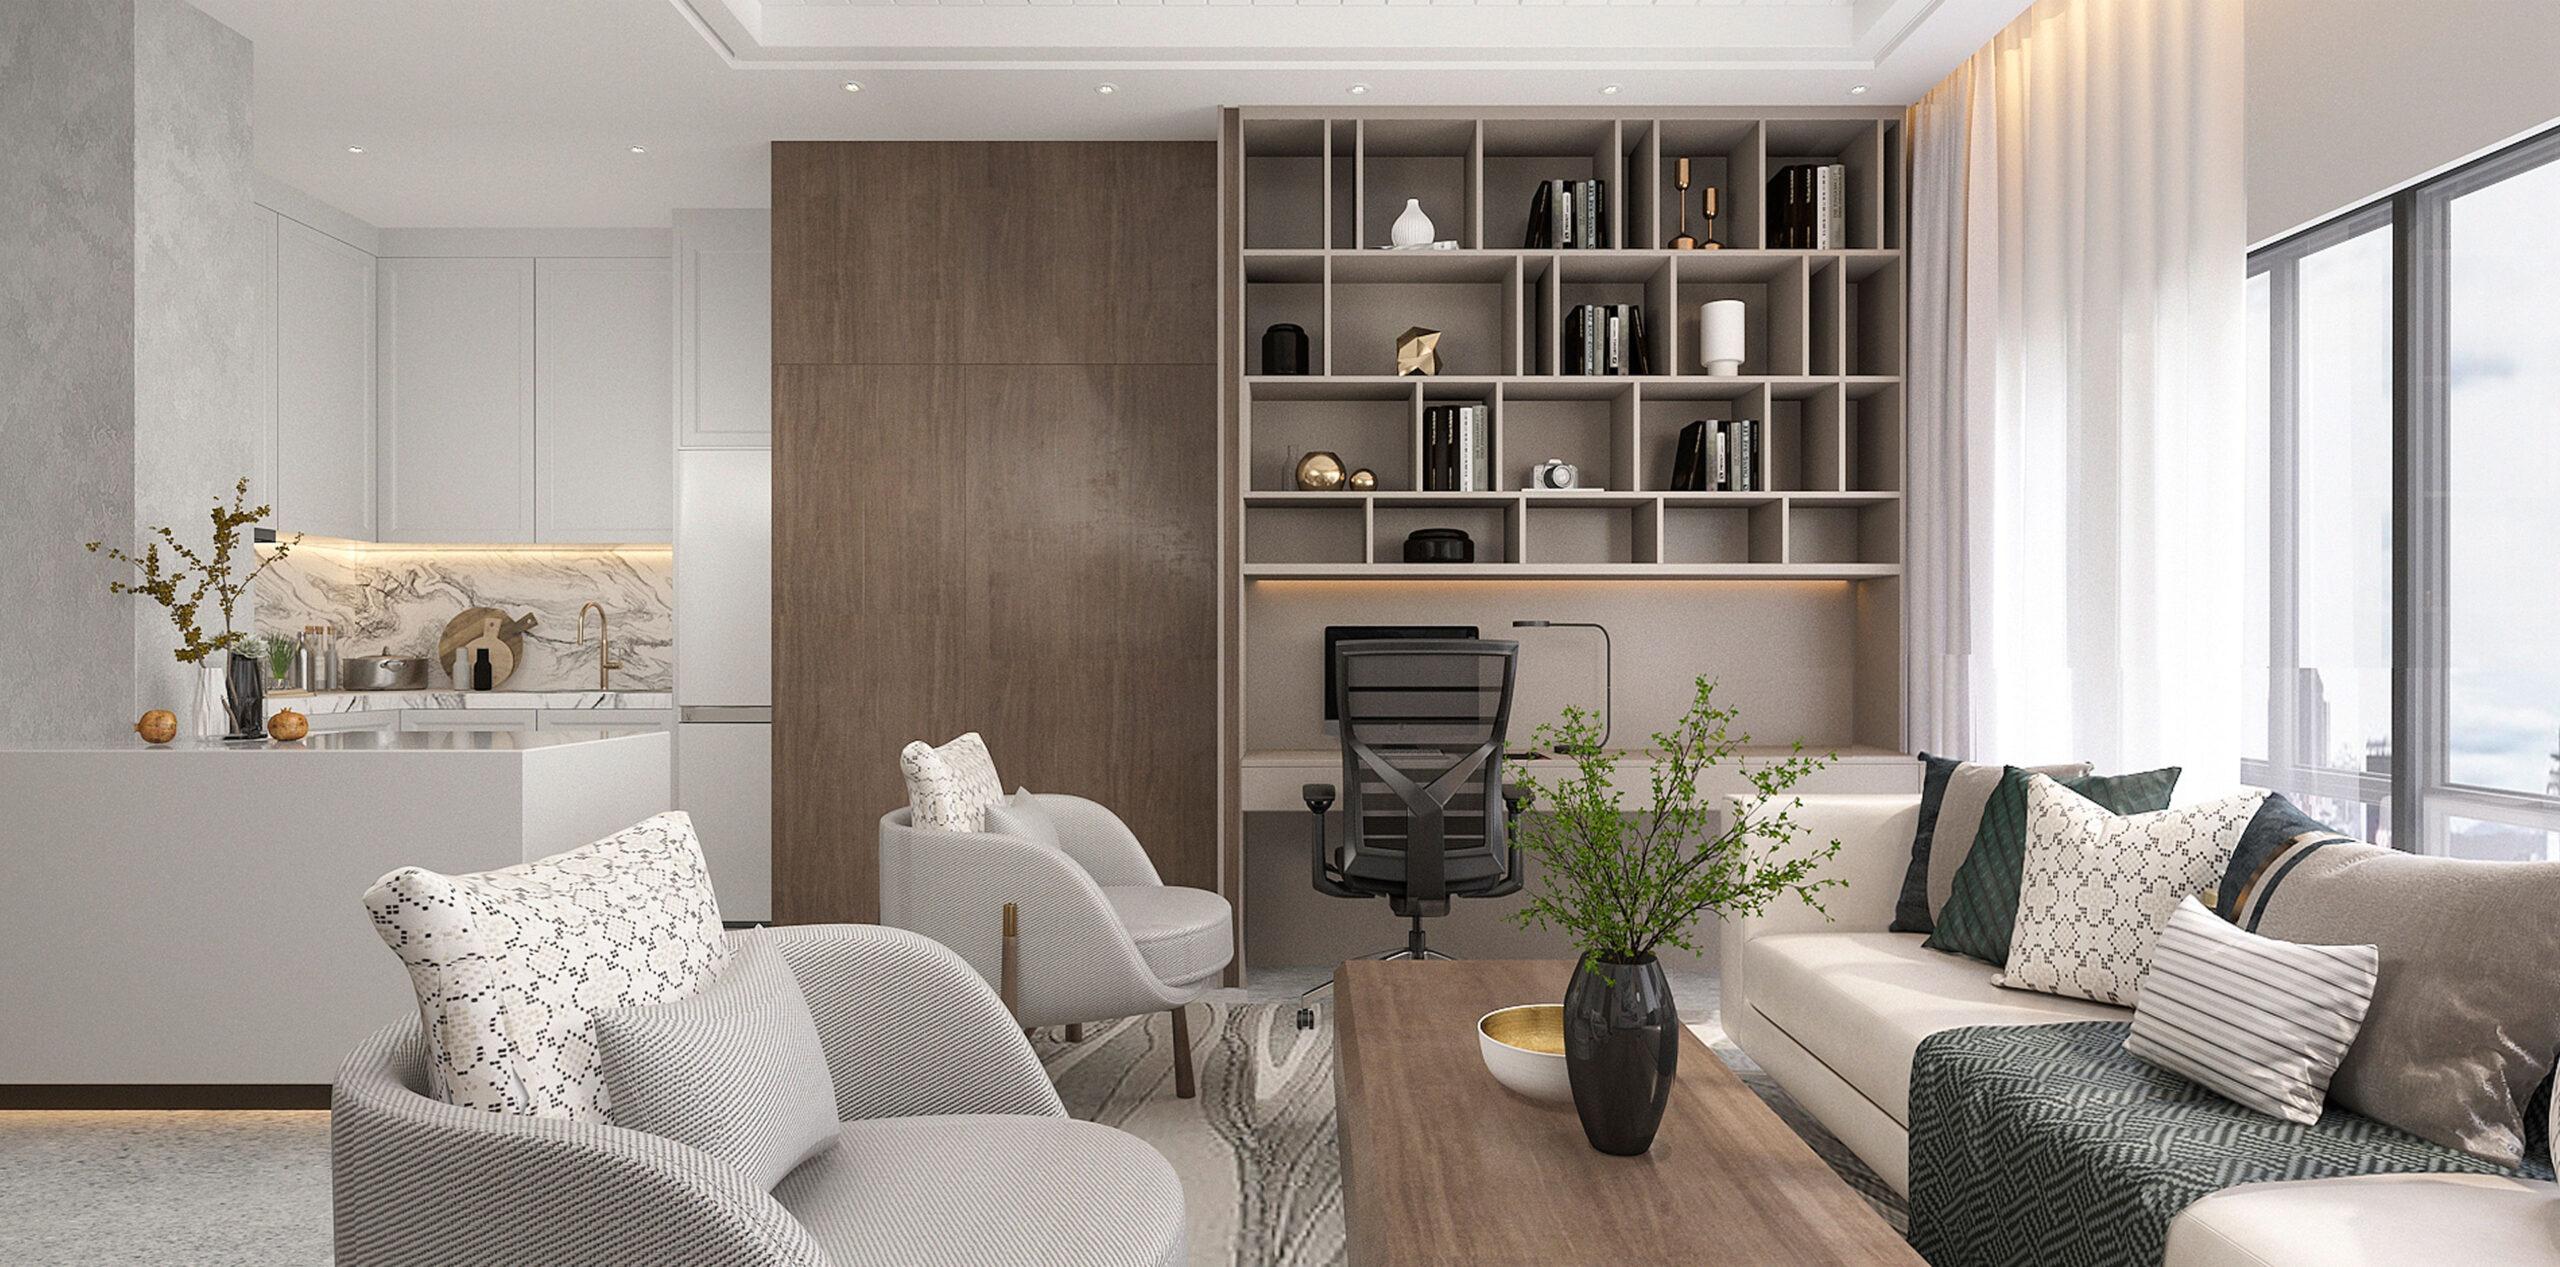 Interior design of a living room at Alfa Bangsar.